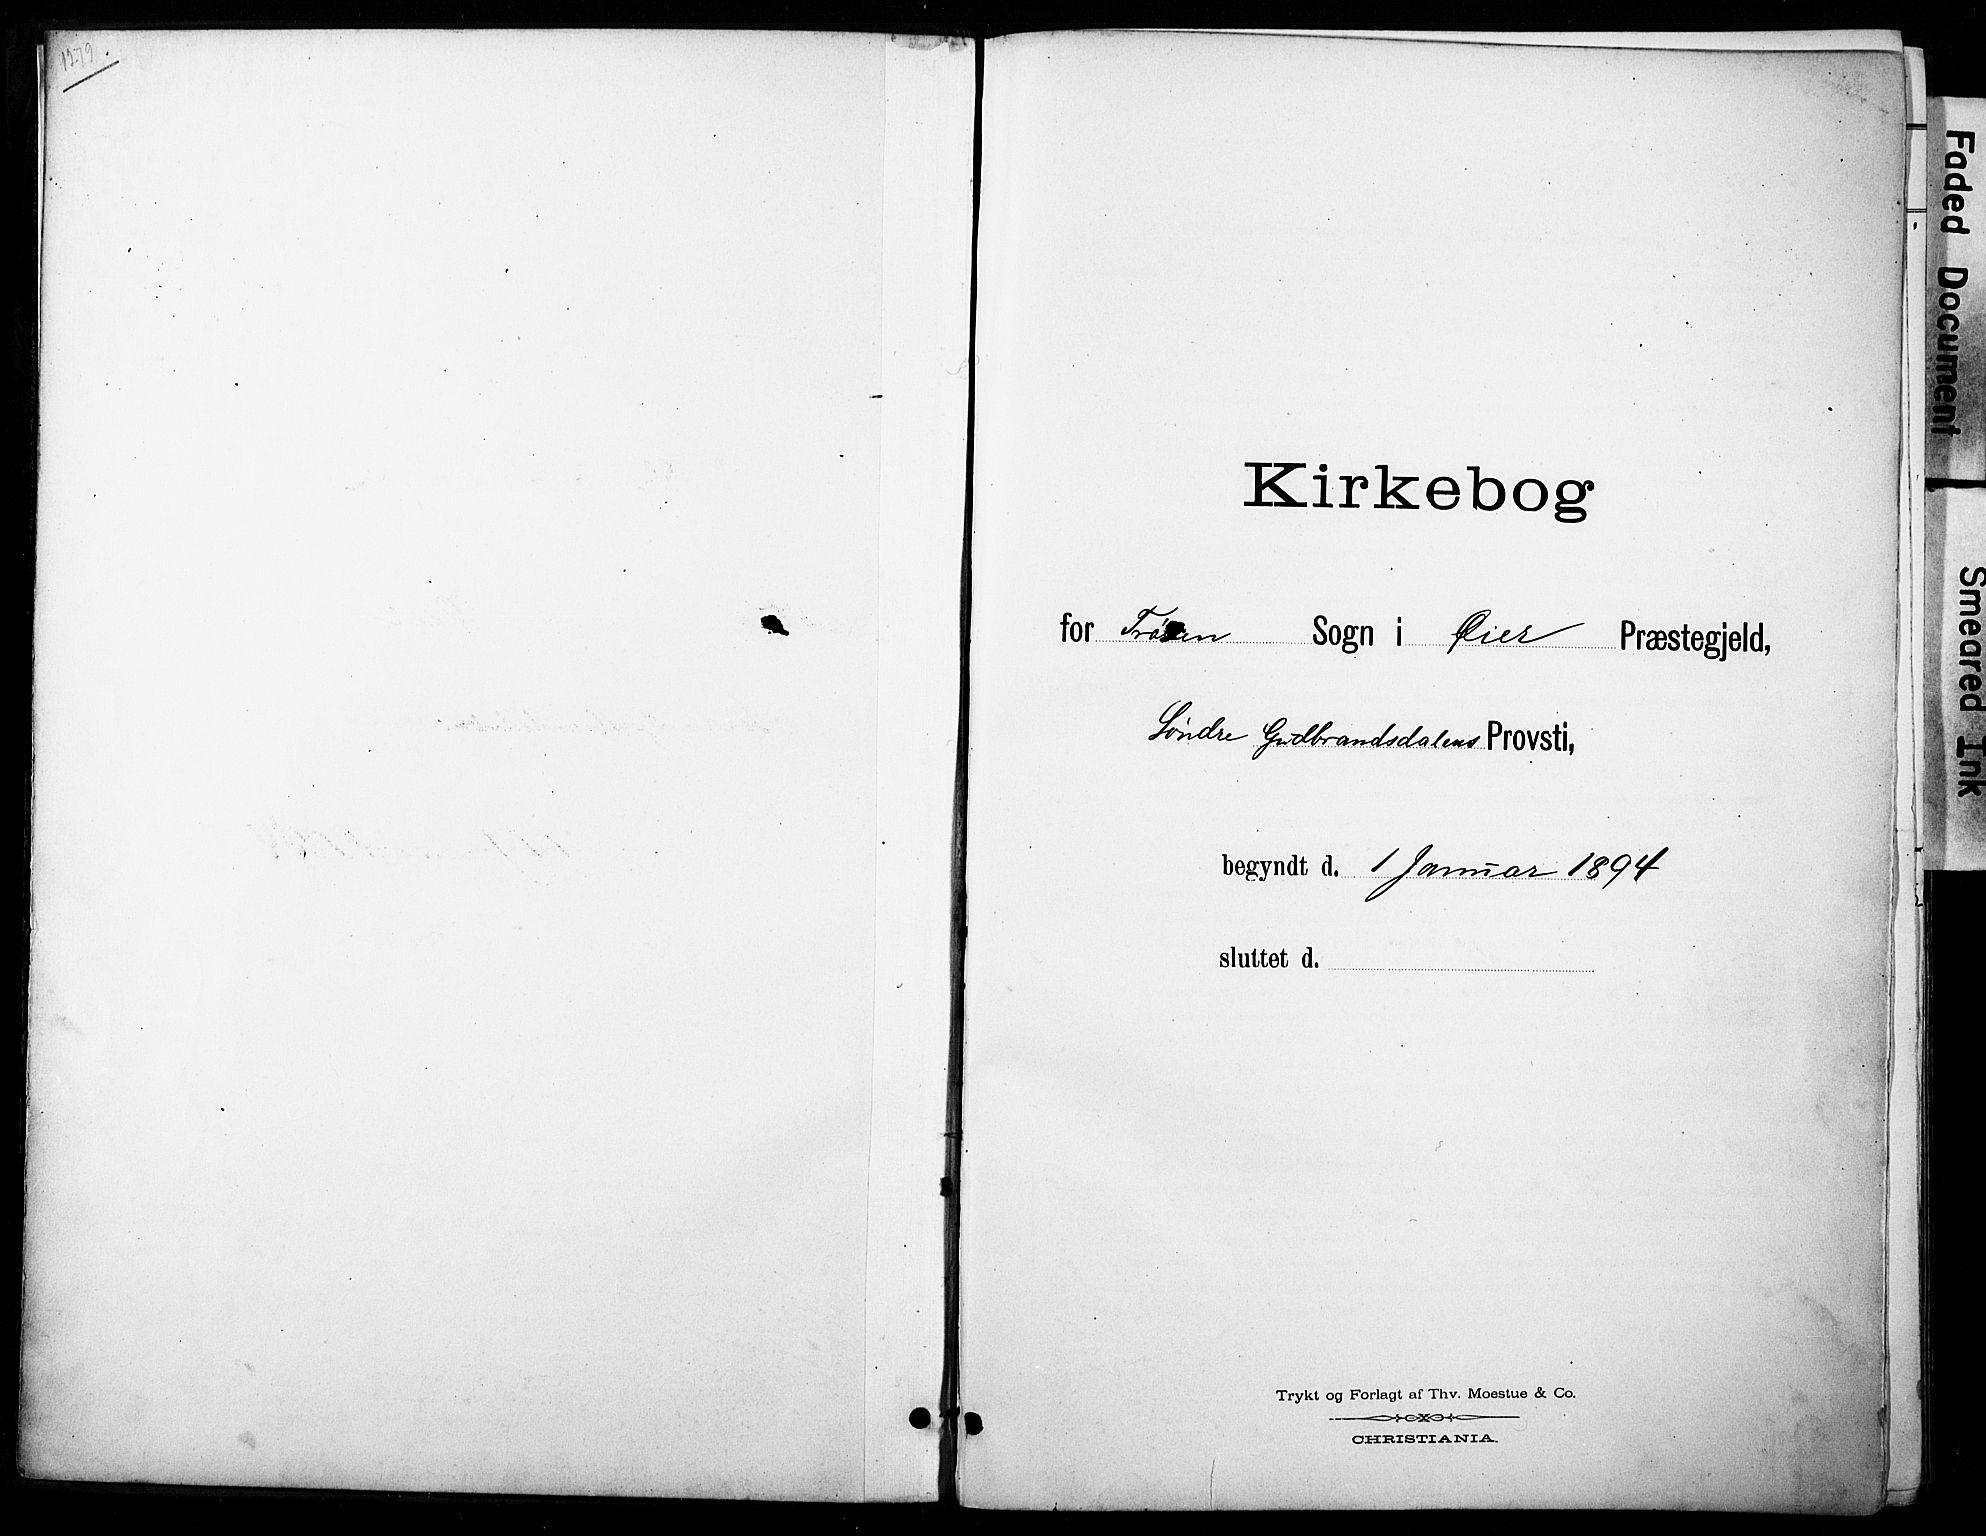 SAH, Øyer prestekontor, Ministerialbok nr. 11, 1894-1905